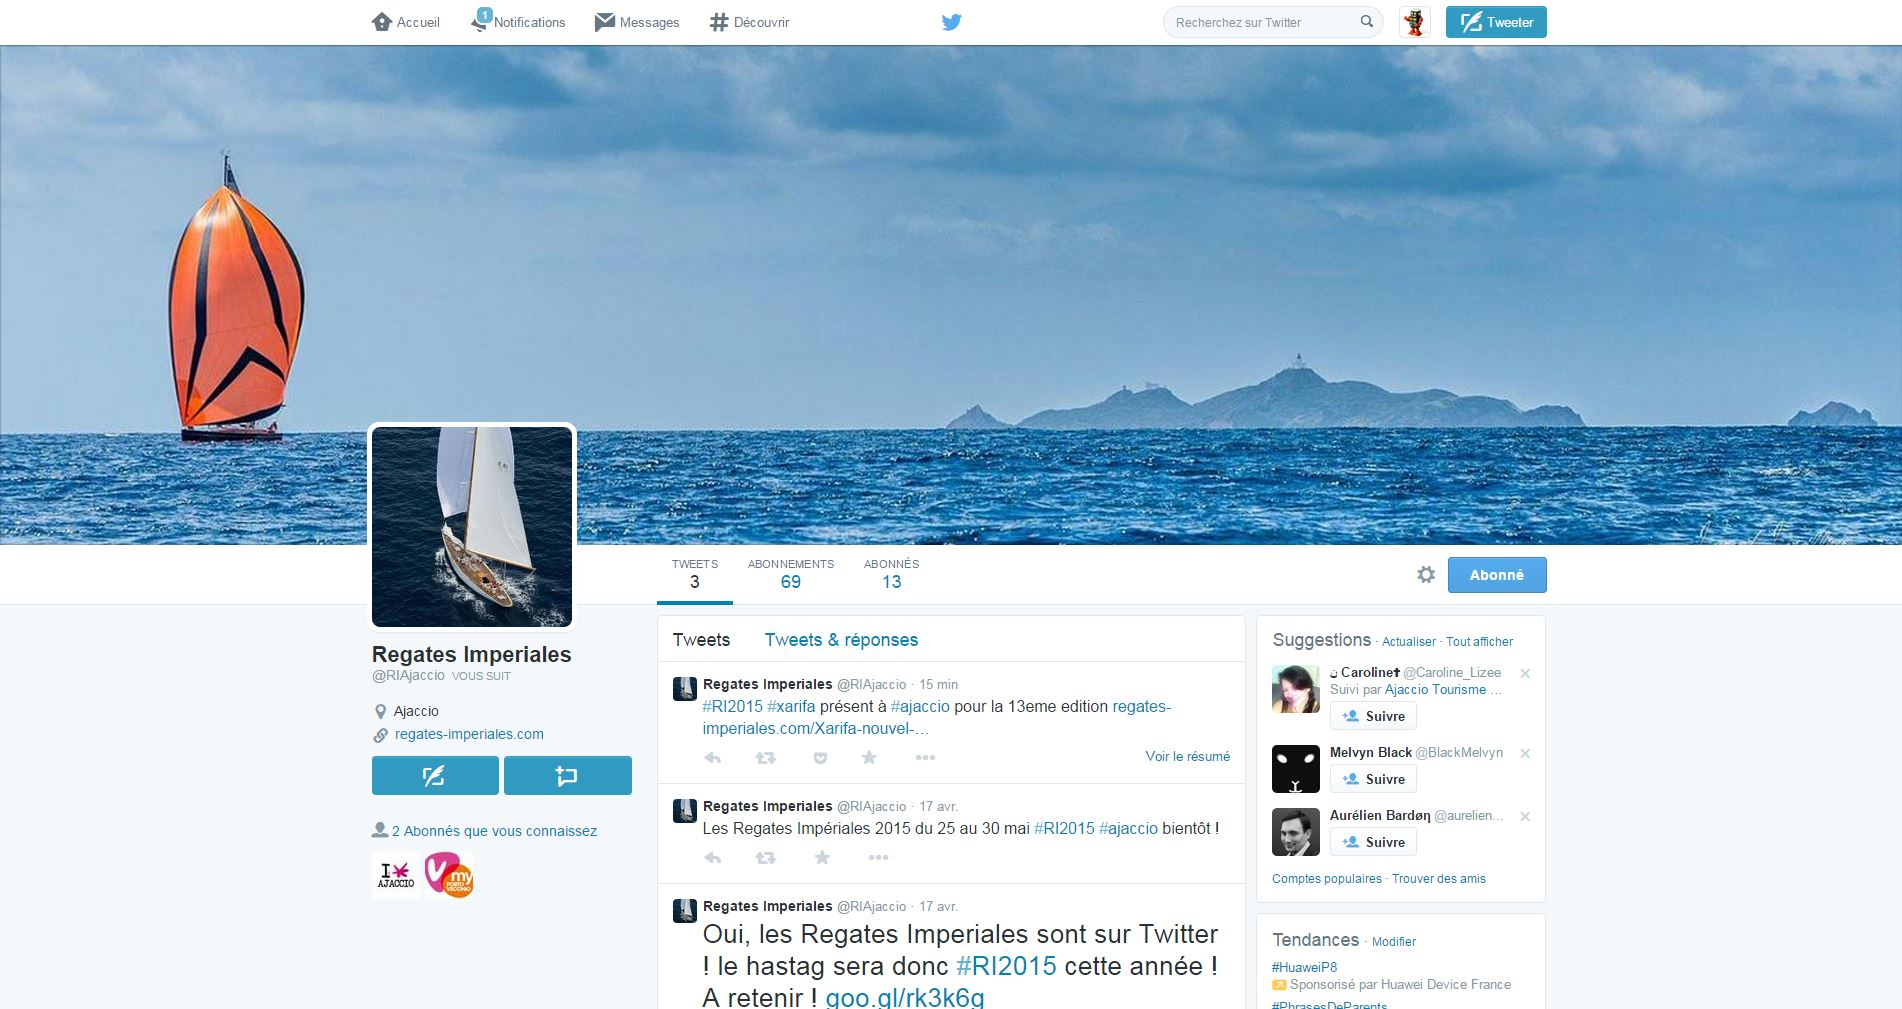 Suivez les Regates Impériales sur Twitter #RI2015